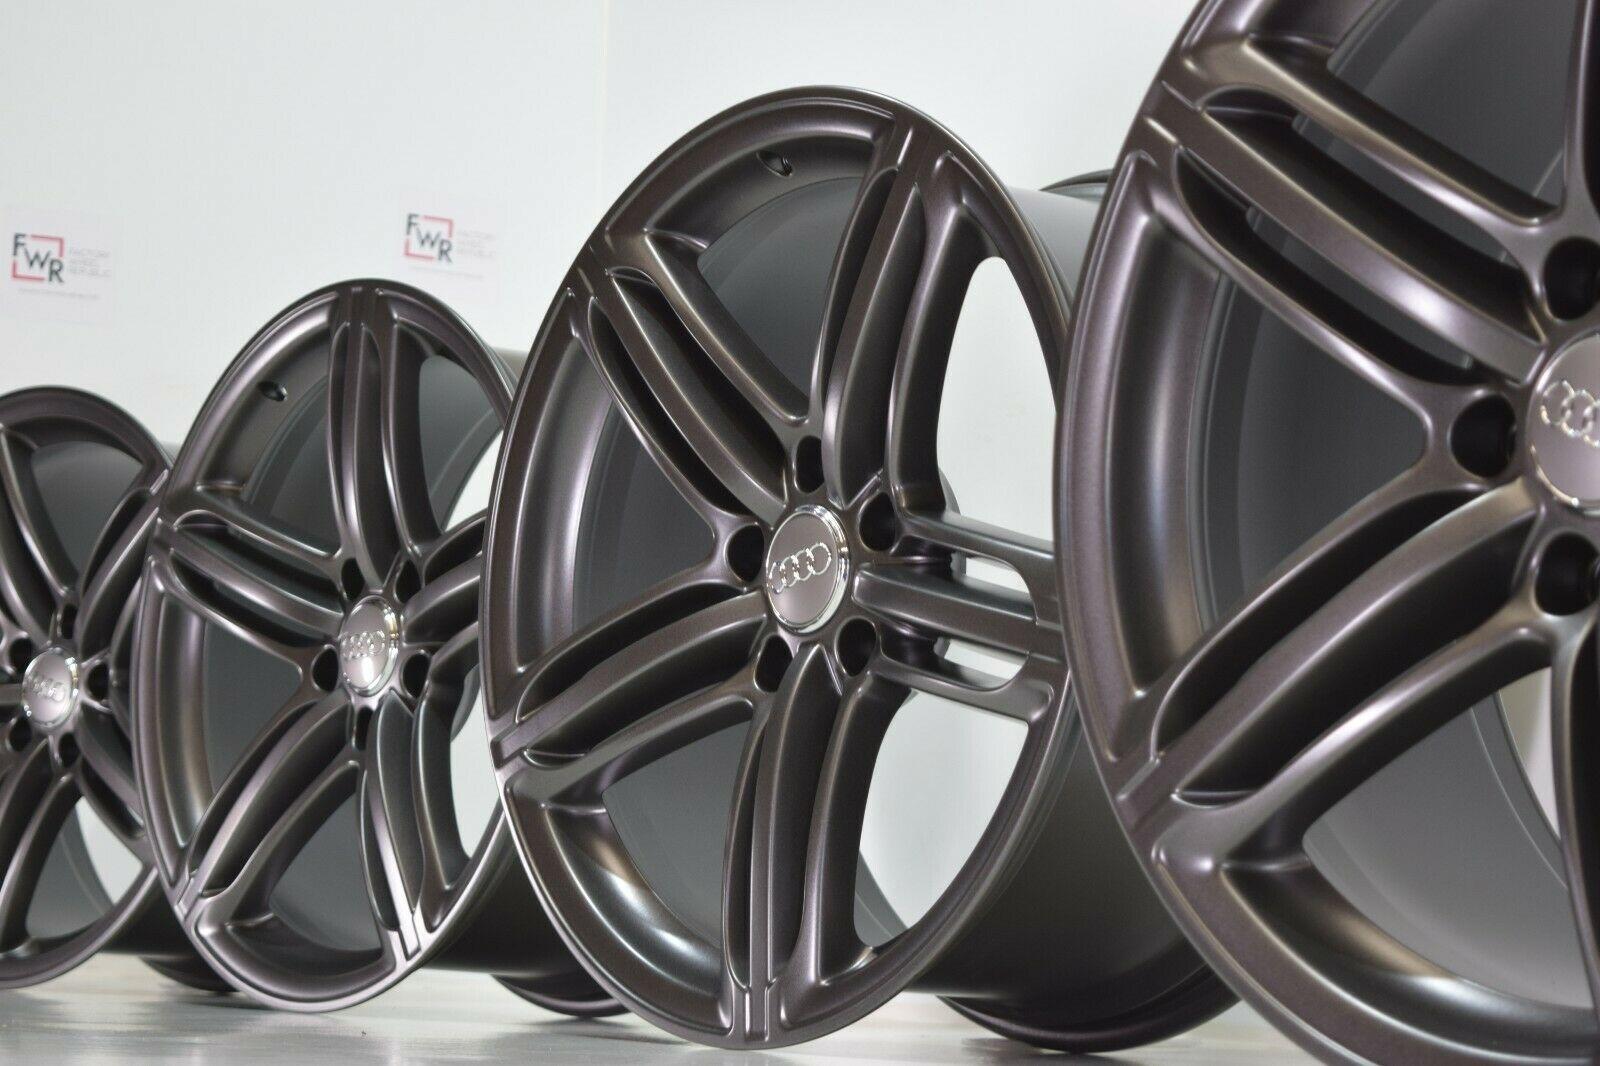 21 Audi Q7 2011 2012 2013 2014 2015 Titanium Gray Factory Oem Wheels Rims 58886 Factory Wheel Republic